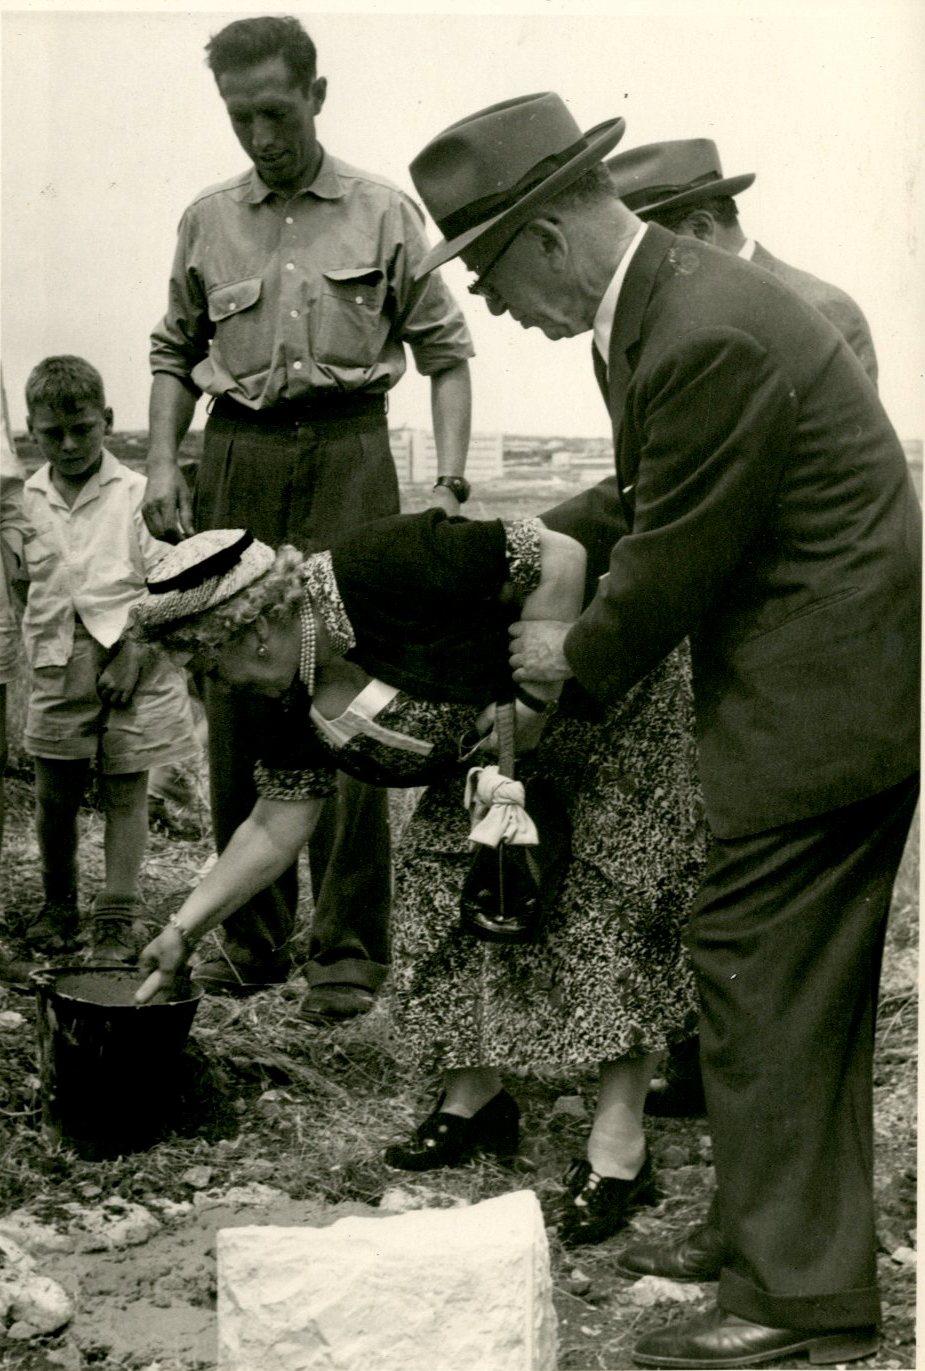 בני הזוג זלצמן יוצקים את אבן היסוד לבית האקדמיה.